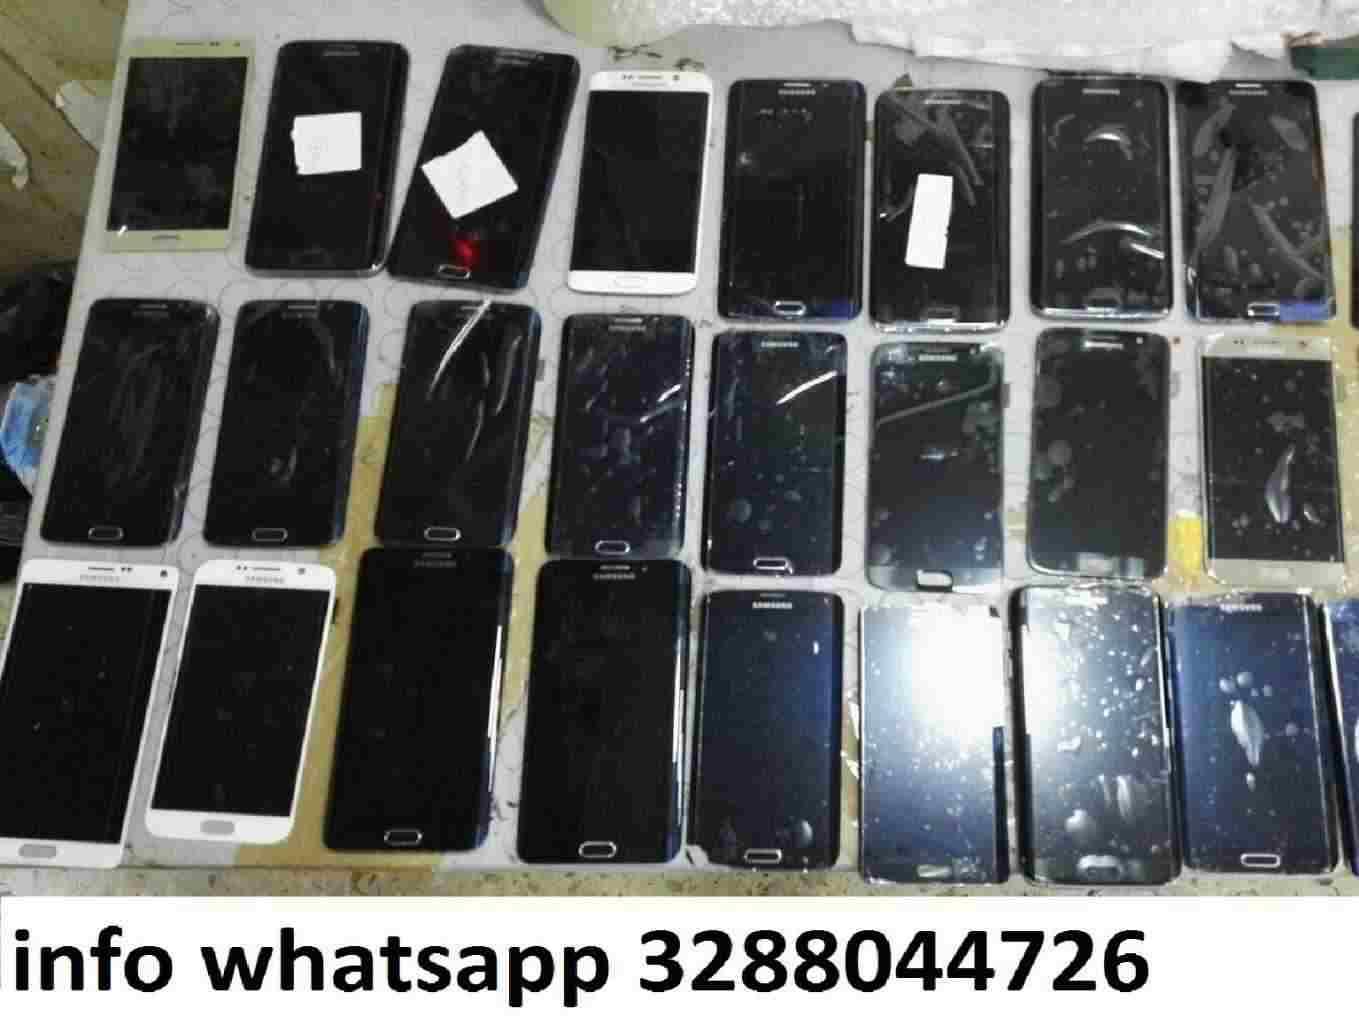 lcd samsung s3 s4 s5 s6\edge j3 j5 j7 a3 a5 a7 huawei lg asus iphone lenovo